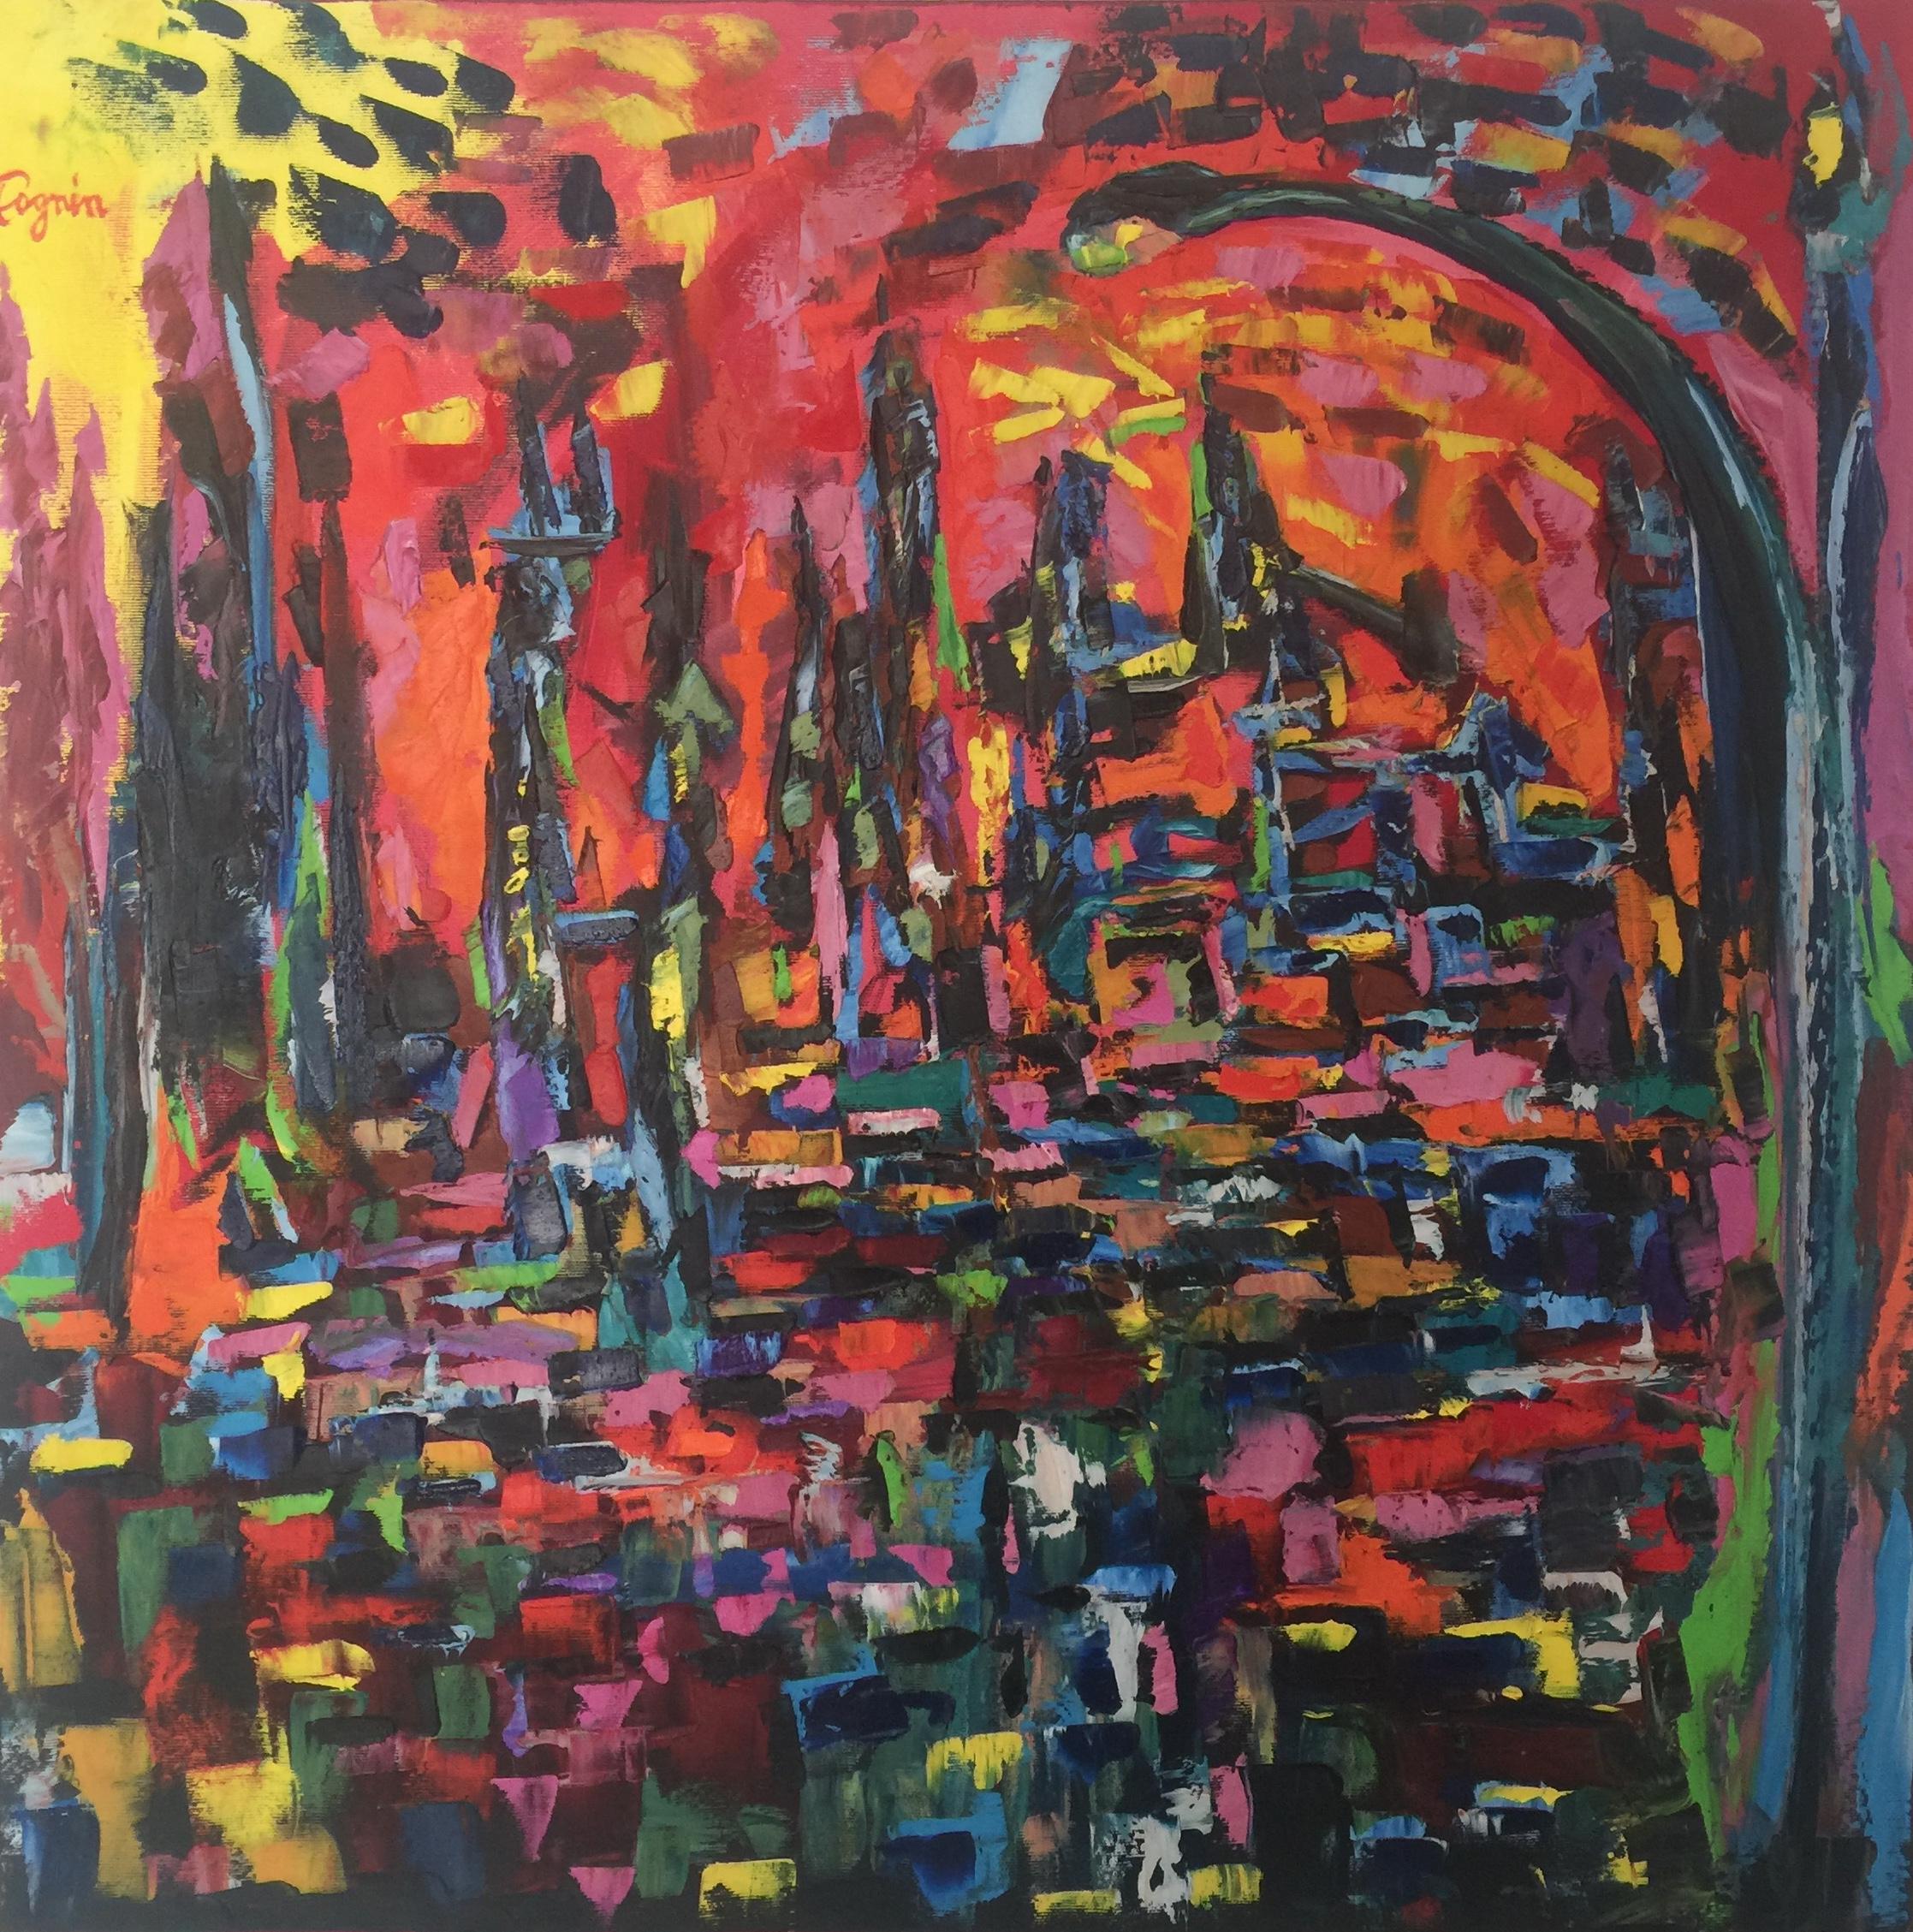 Comprare quadri espressionisti